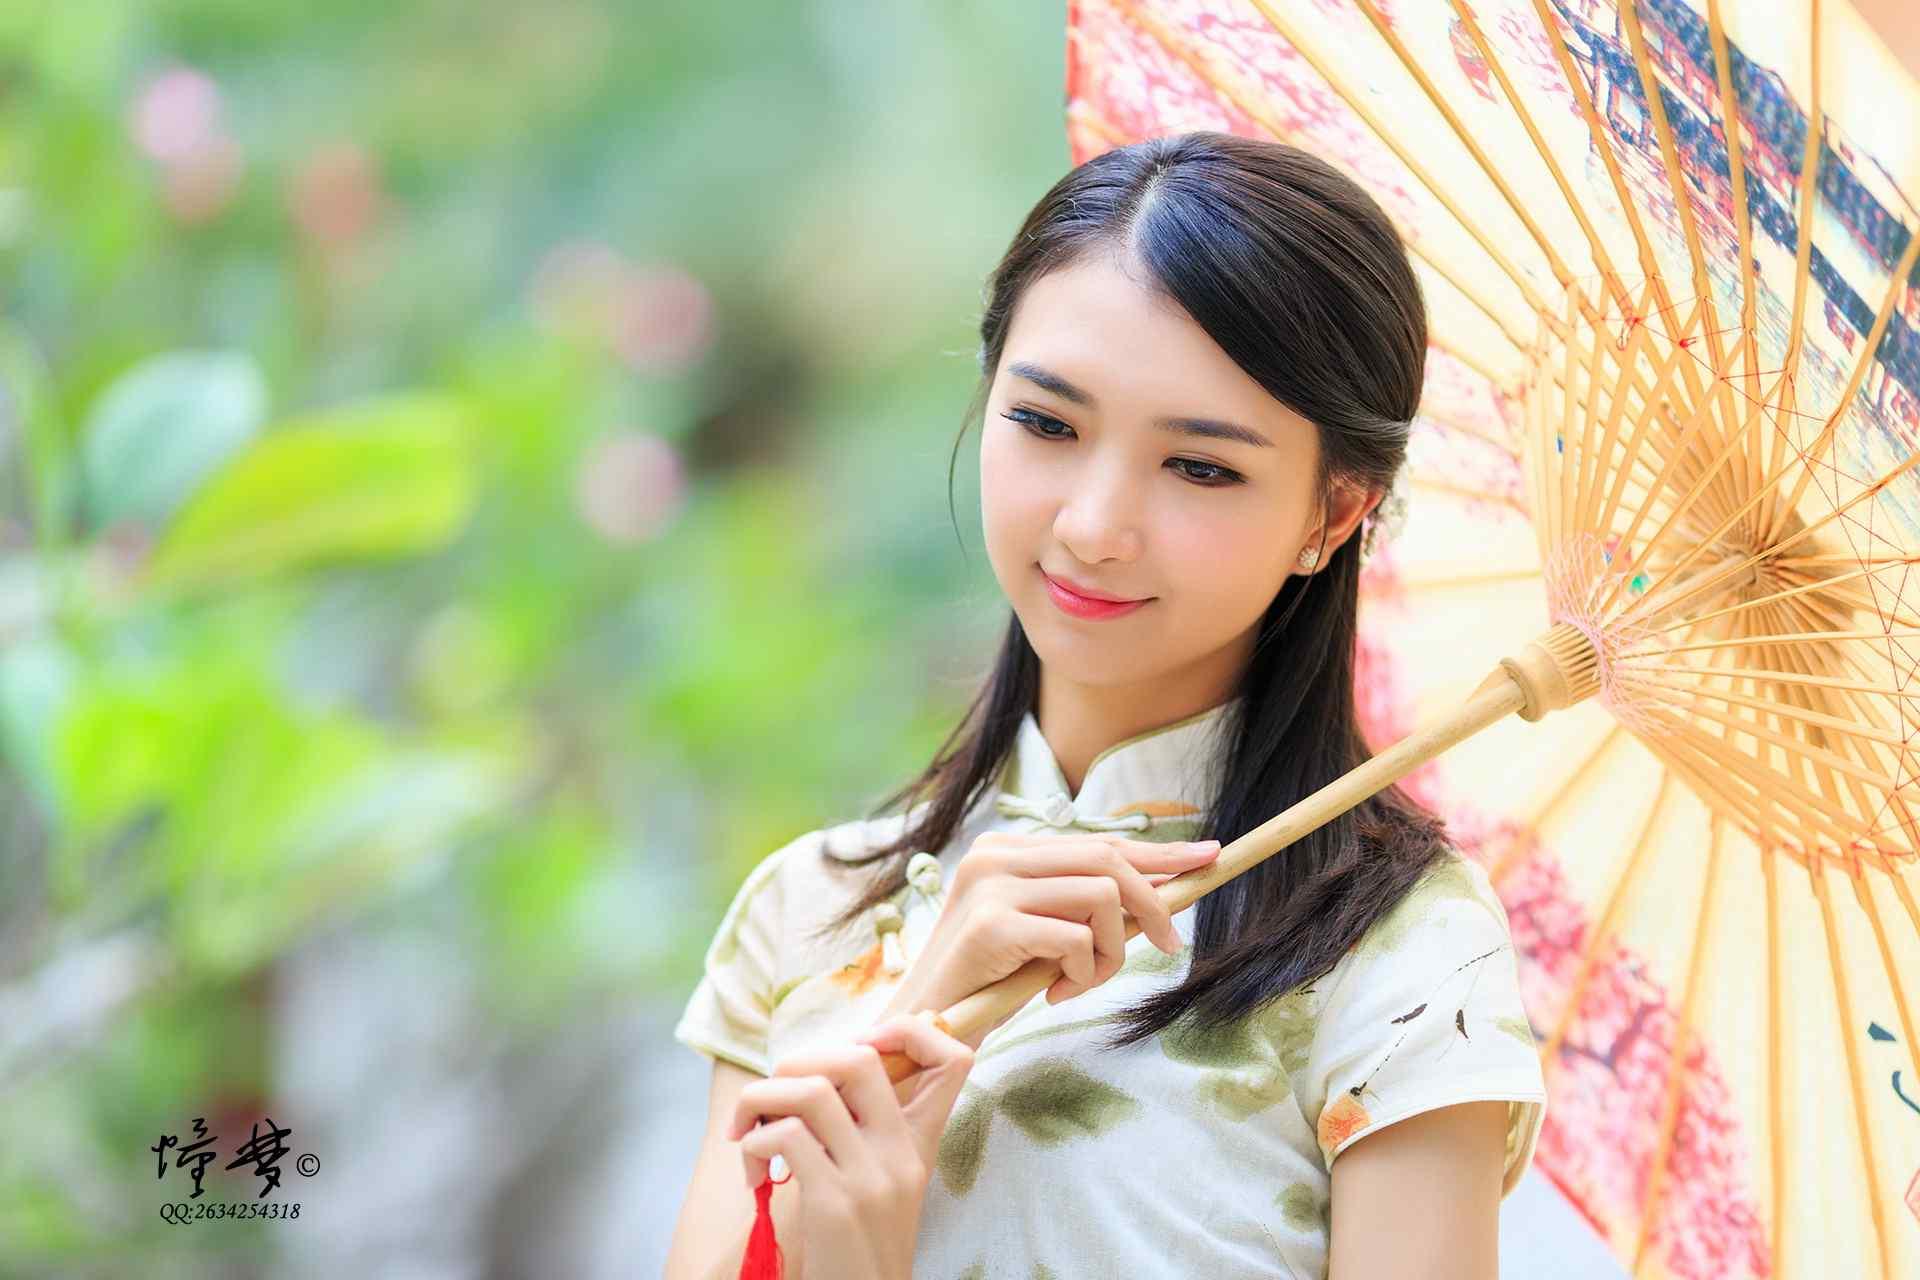 旗袍—温文尔雅的美女桌面壁纸